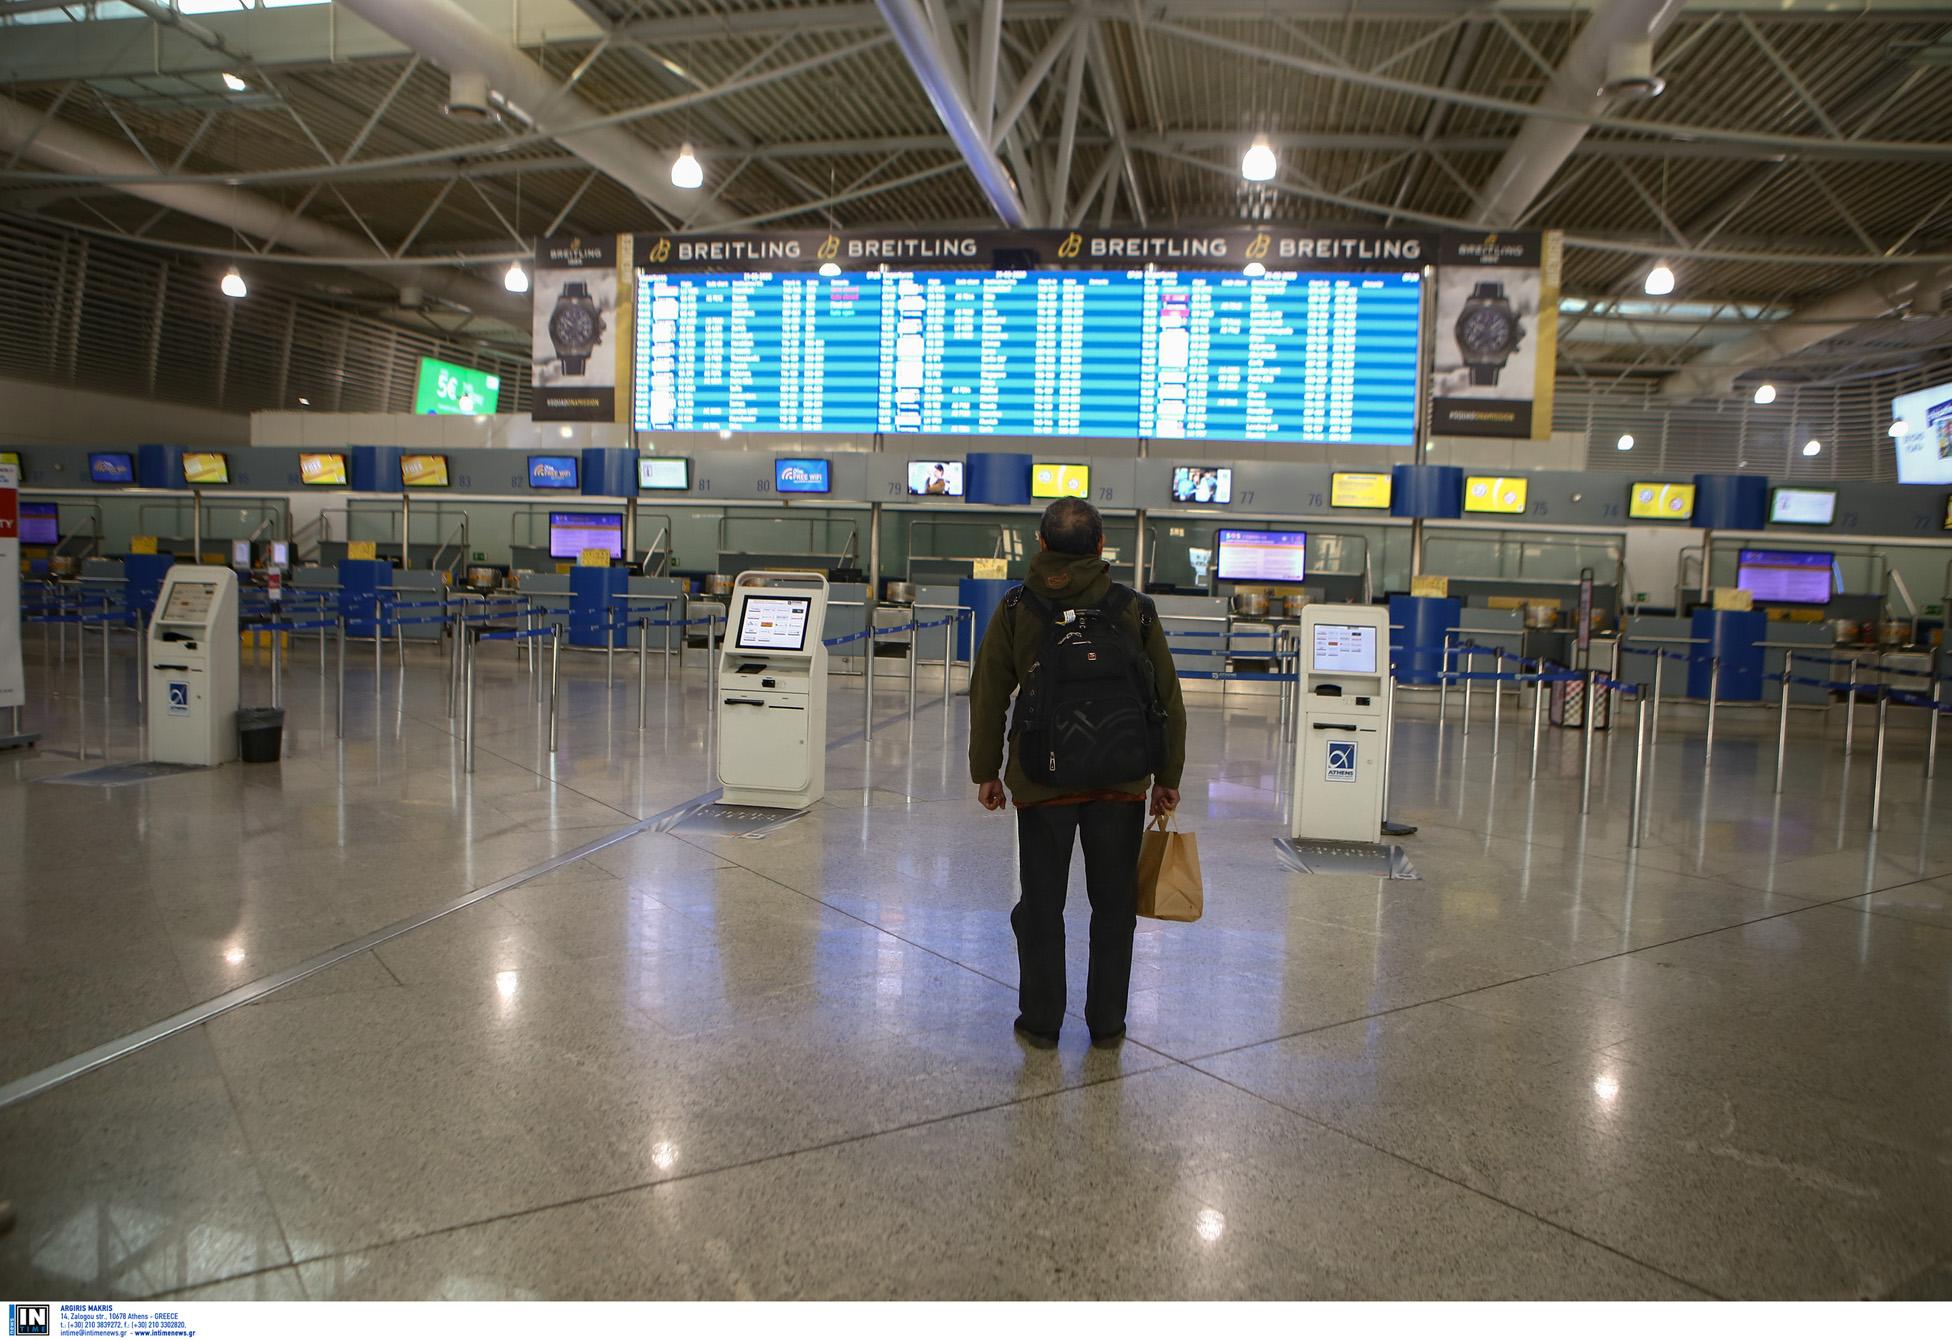 Άμεση κρατική βοήθεια λόγω κορονοϊού ζητούν έξι ελληνικές αεροπορικές εταιρείες